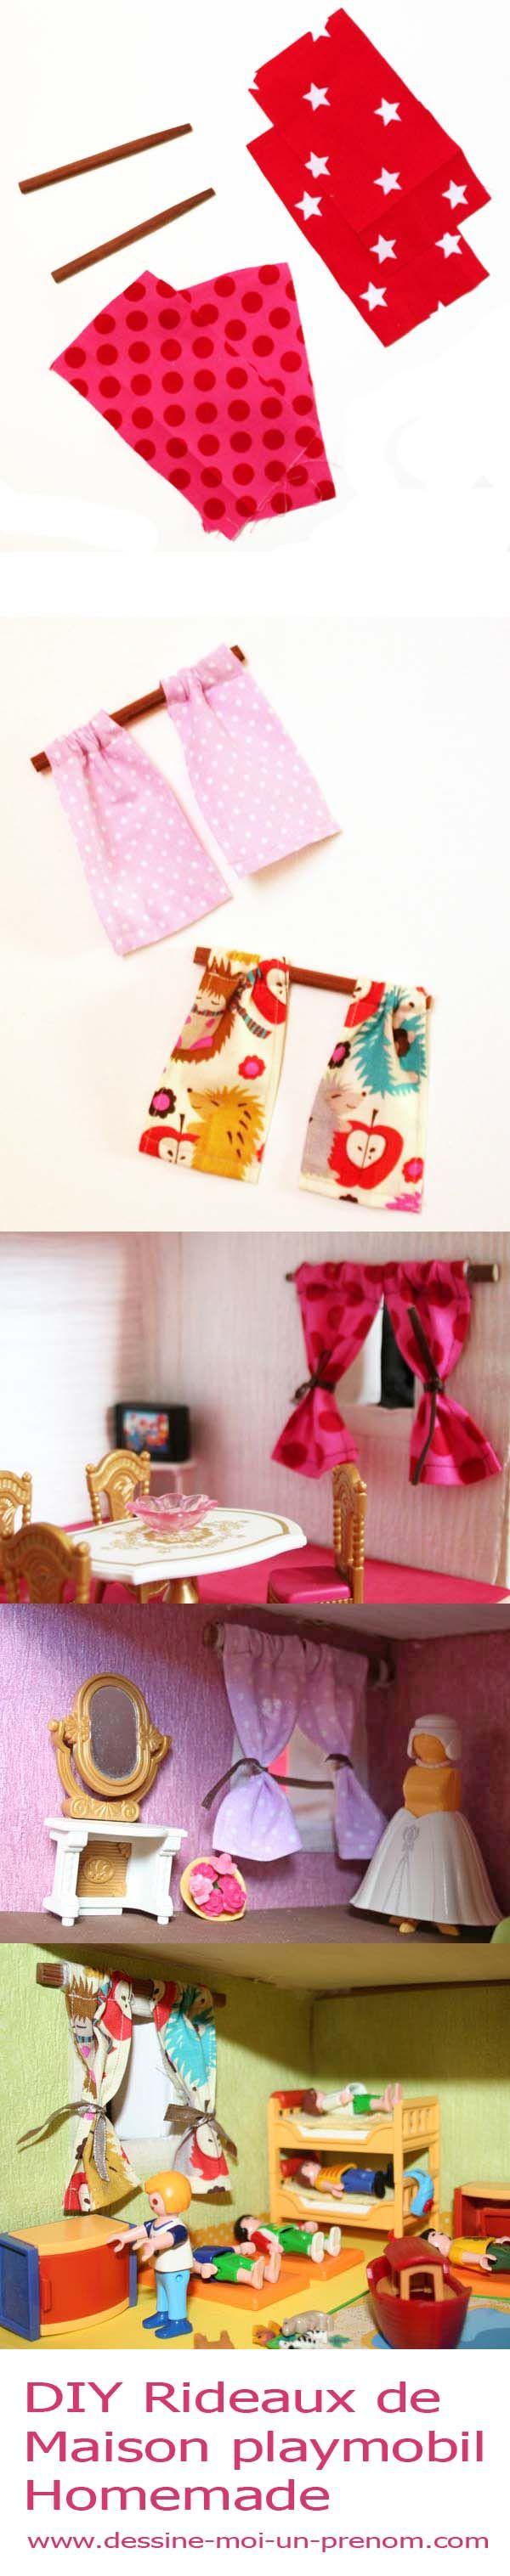 maison playmobil tutoriel pour fabriquer des rideaux. Black Bedroom Furniture Sets. Home Design Ideas